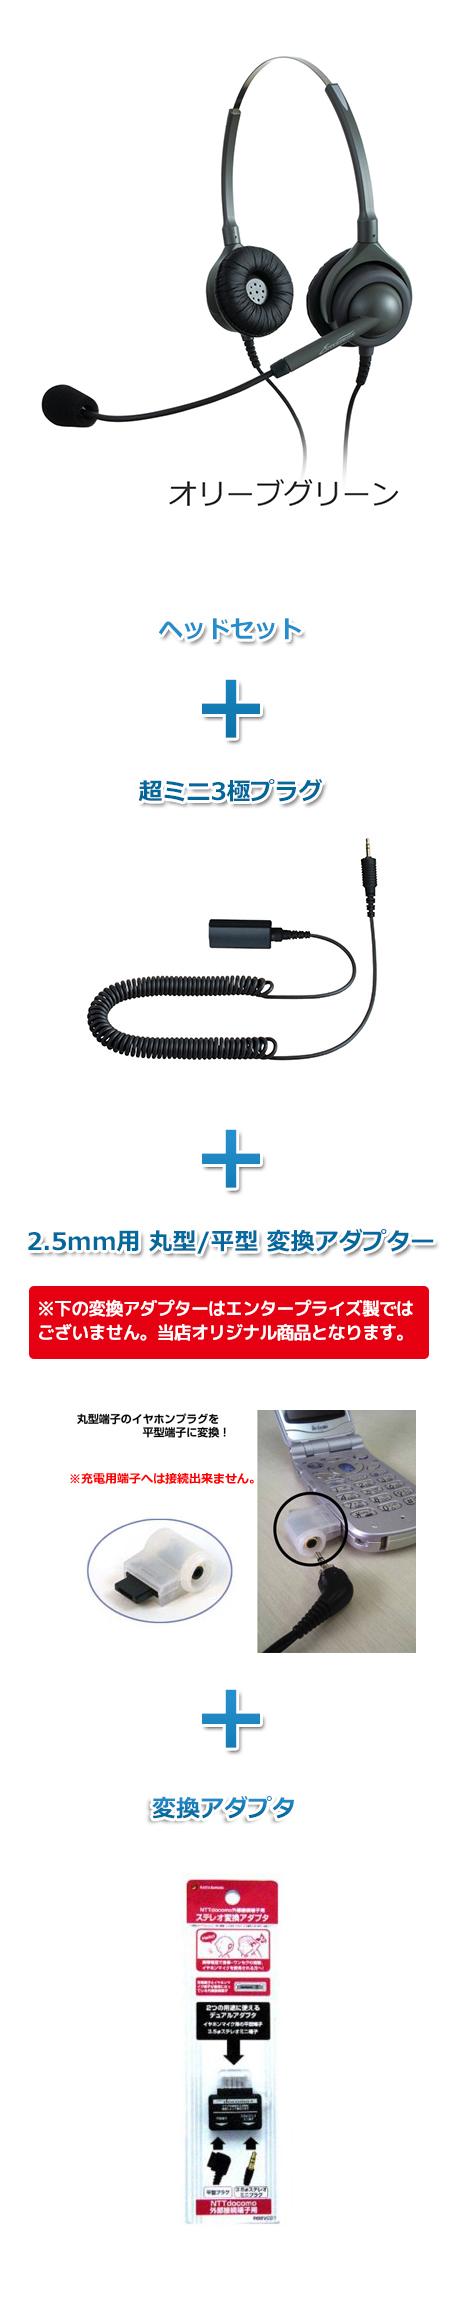 【送料無料】エンタープライズ製(日本製)ヘッドセット(外部接続端子接続 EN2-M・M20・VH-0201・RB8VC01)